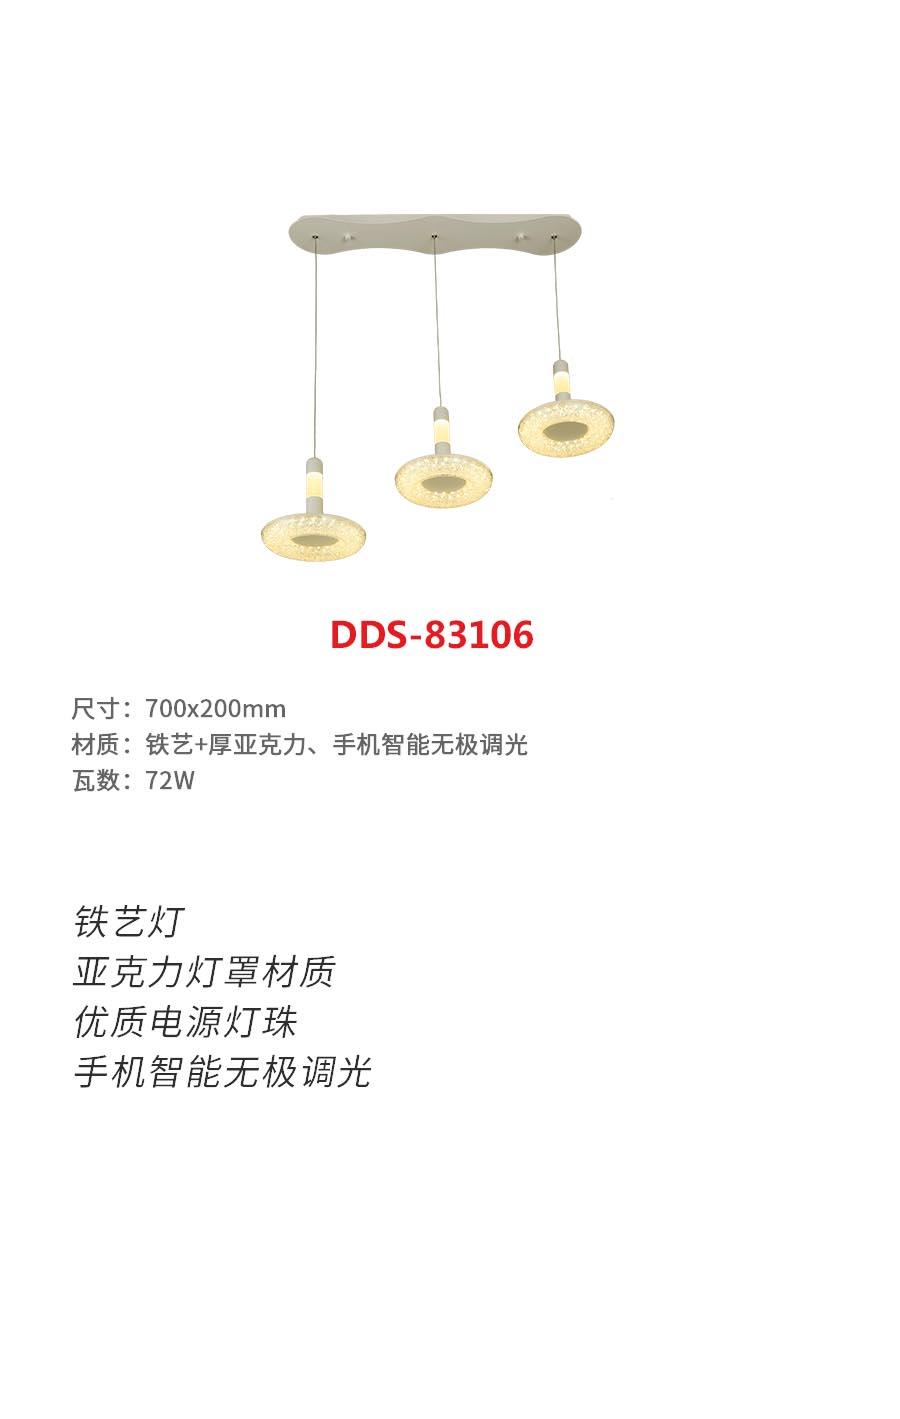 DDS-83106b.jpg